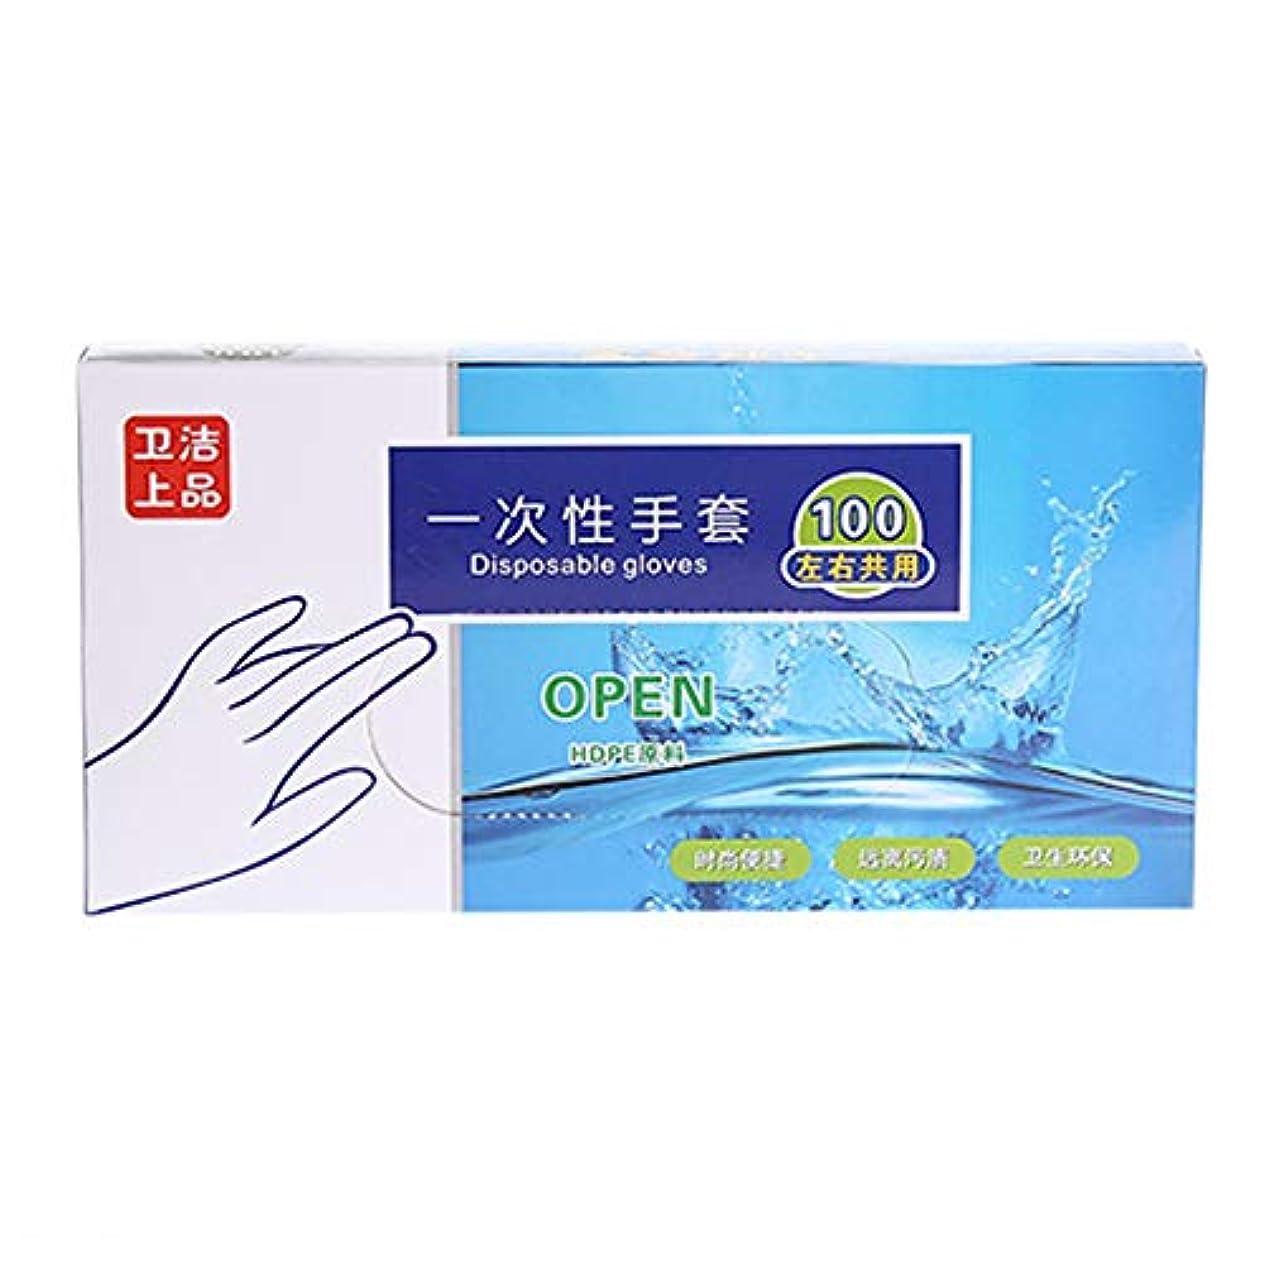 憂慮すべき抑止するハイランド使い捨て手袋 100枚 2パック 入フリーサイズ グローブ ポリエチレン手袋 左右兼用 ポリエチレン PE 実用 衛生 調理 清掃 染髪